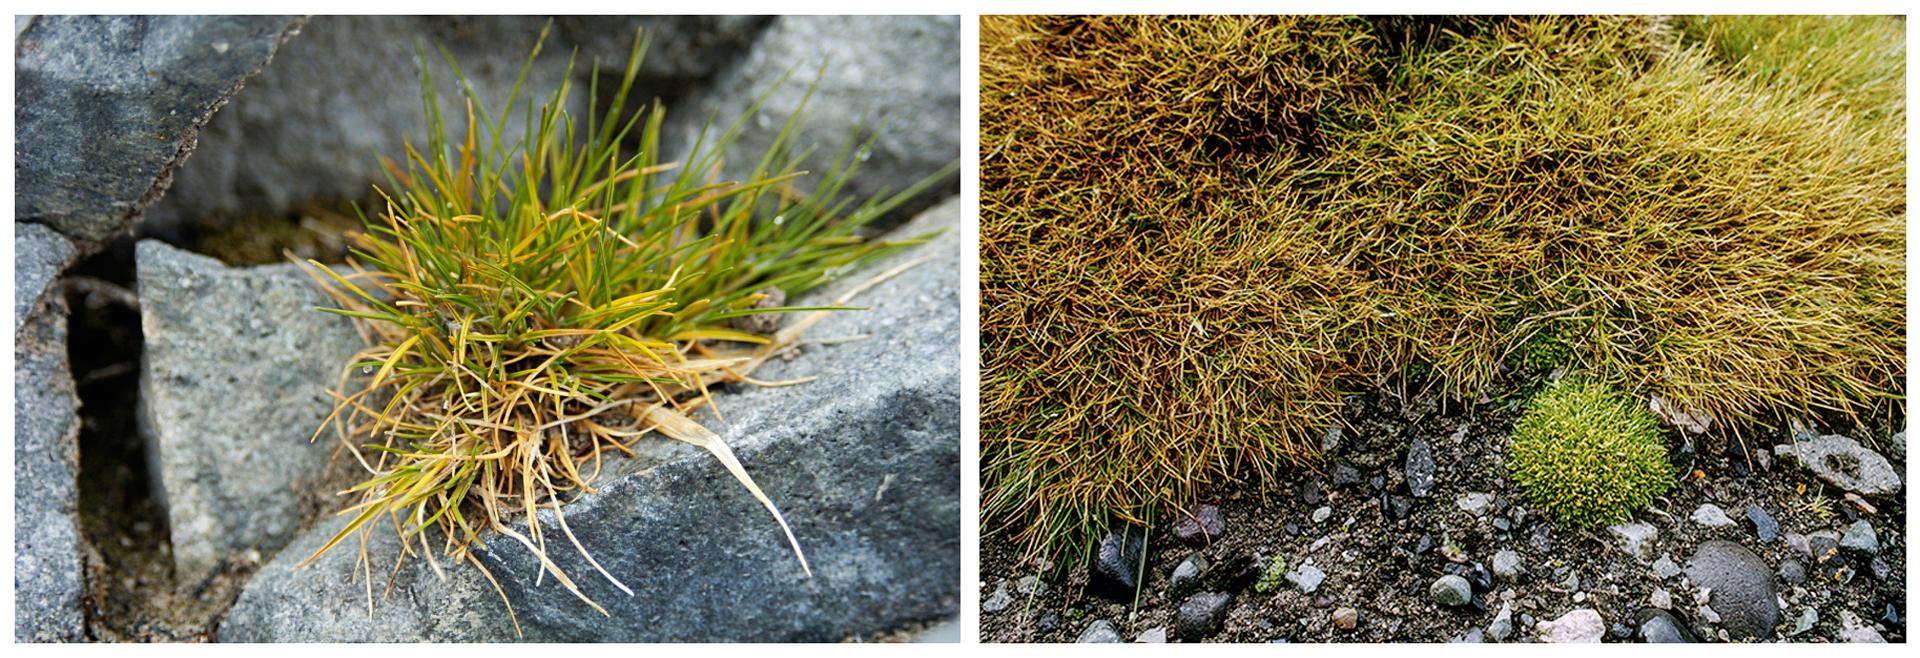 Dwie fotografie prezentują kępki trawy śmiałka arktycznego. Fotografia po lewej stronie, to pojedyncza kępka niskiej, zielonej trawy rosnąca na fragmencie skały. Fotografia obok, to widziany zgóry fragment większego skupiska śmiałka arktycznego.